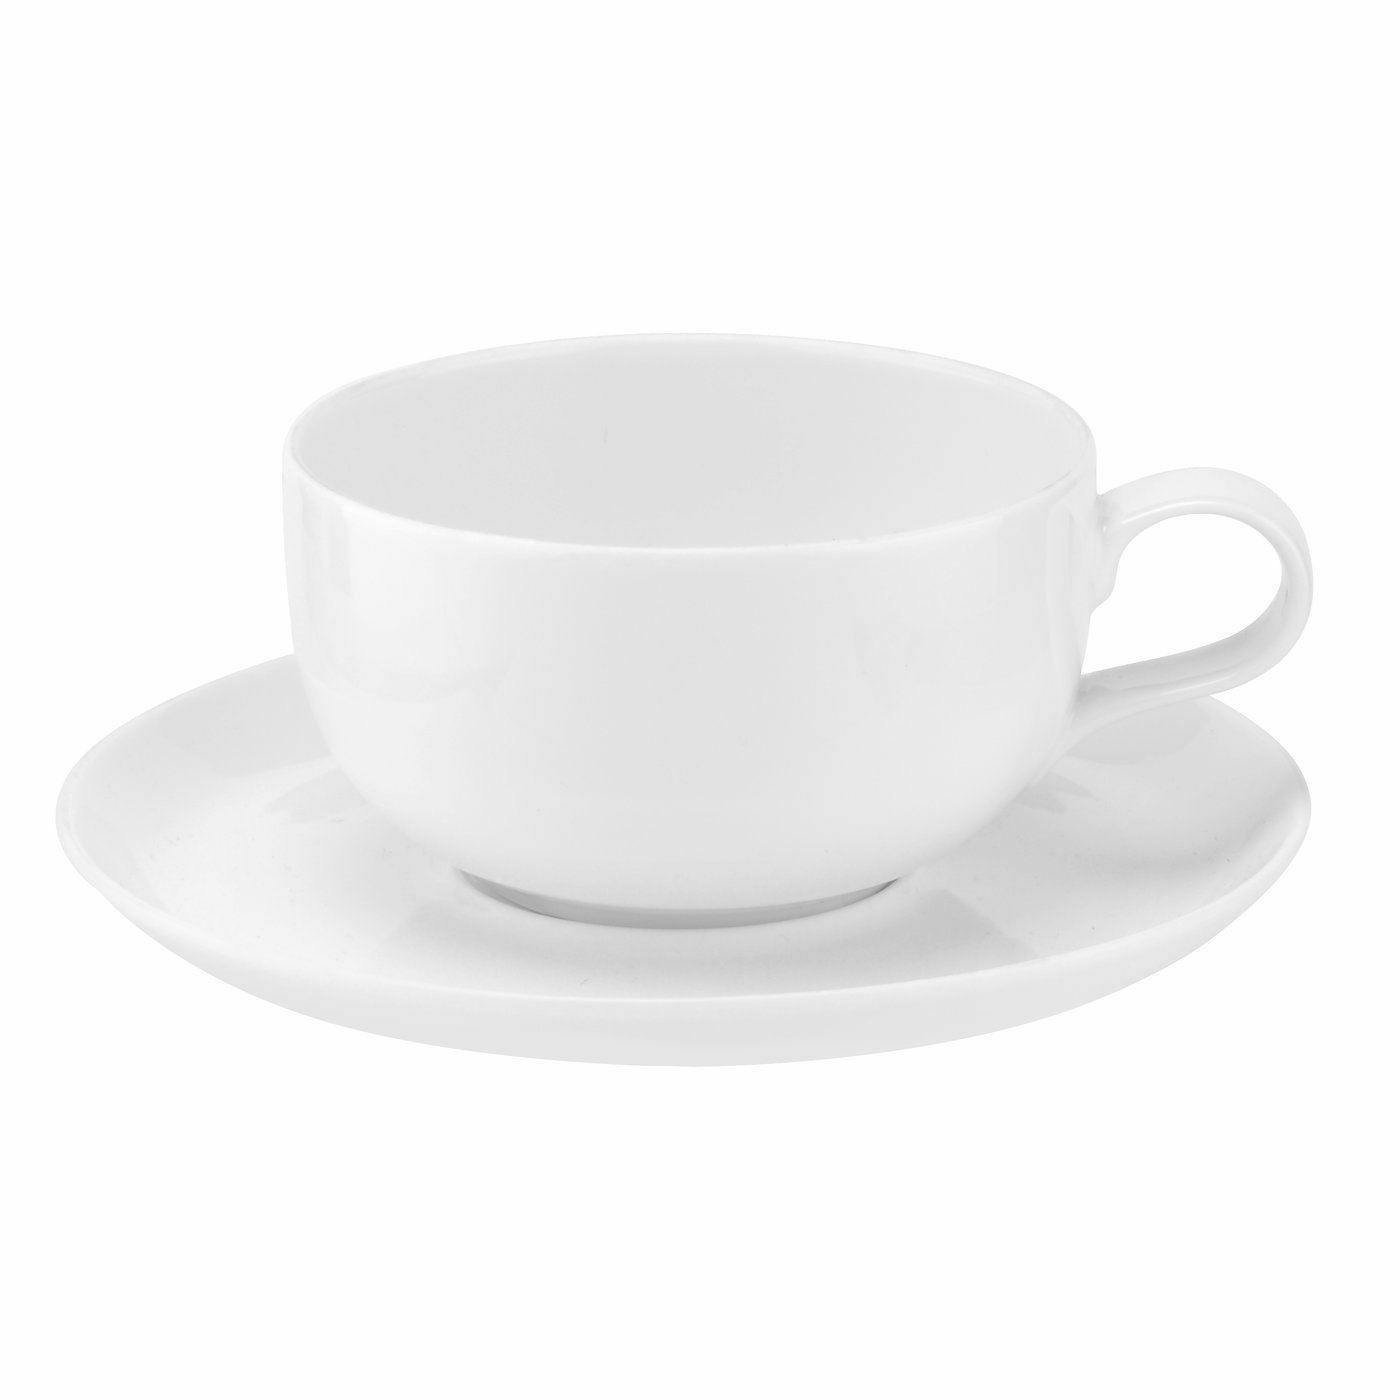 Portmeirion Choices White Teacup and Saucer (Pair) 0.34L